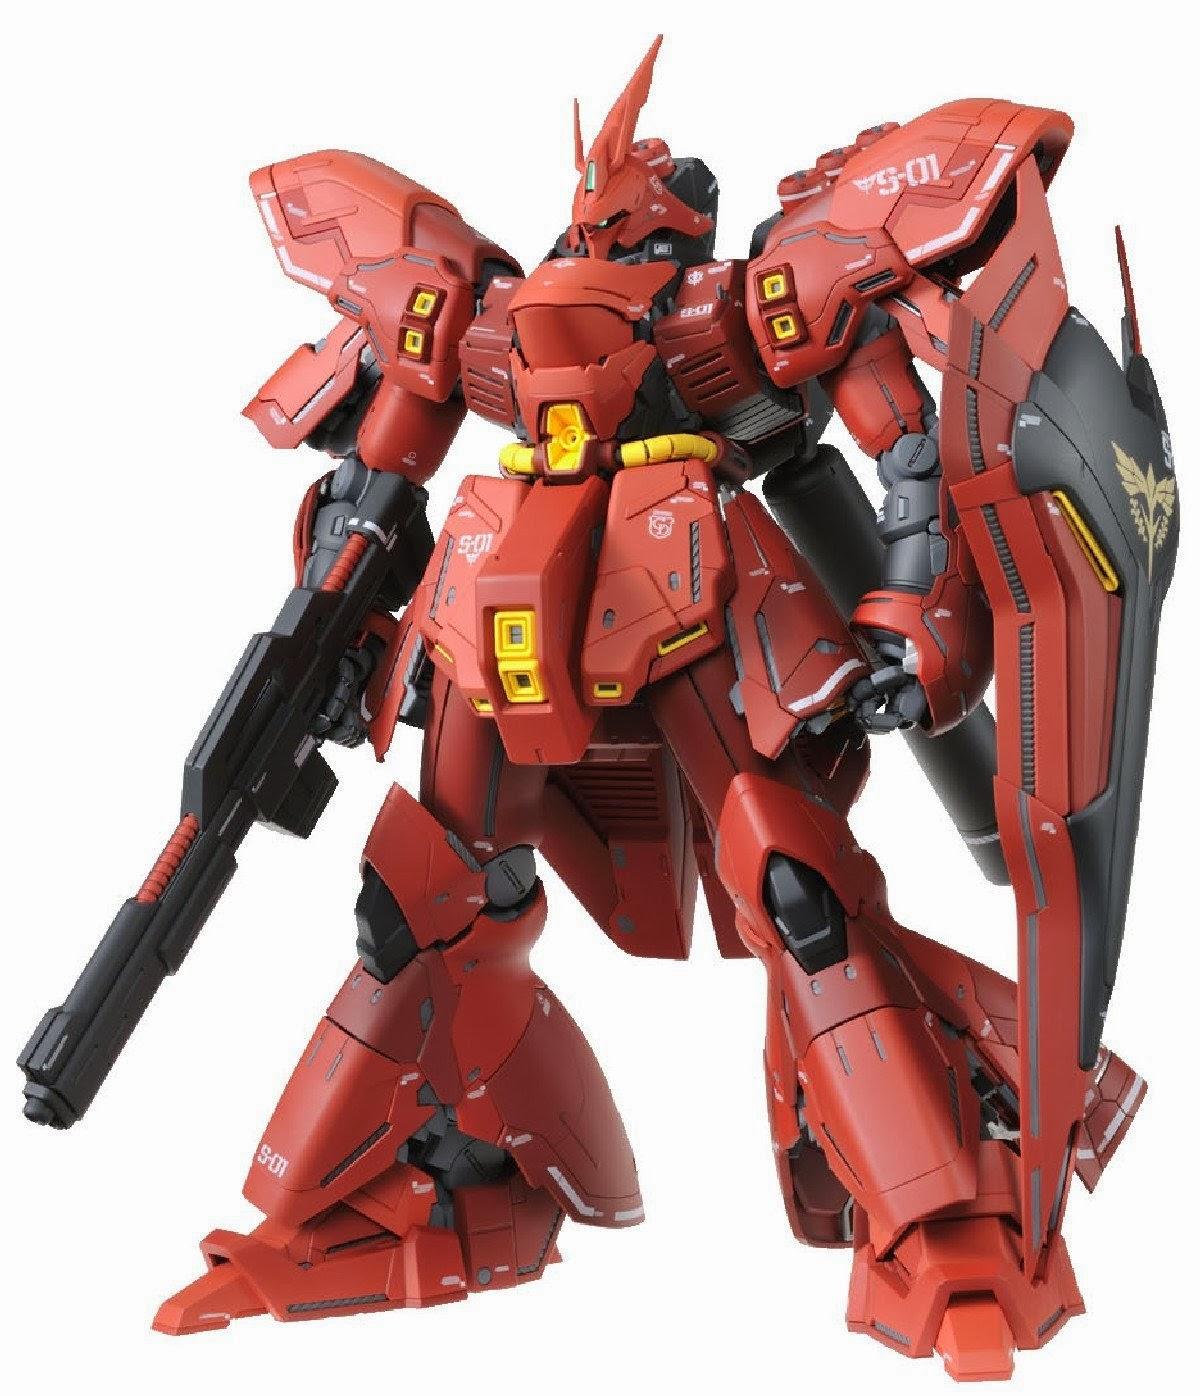 Info: MG 1/100 Sazabi Ver. Ka Release Date - Gundam3R